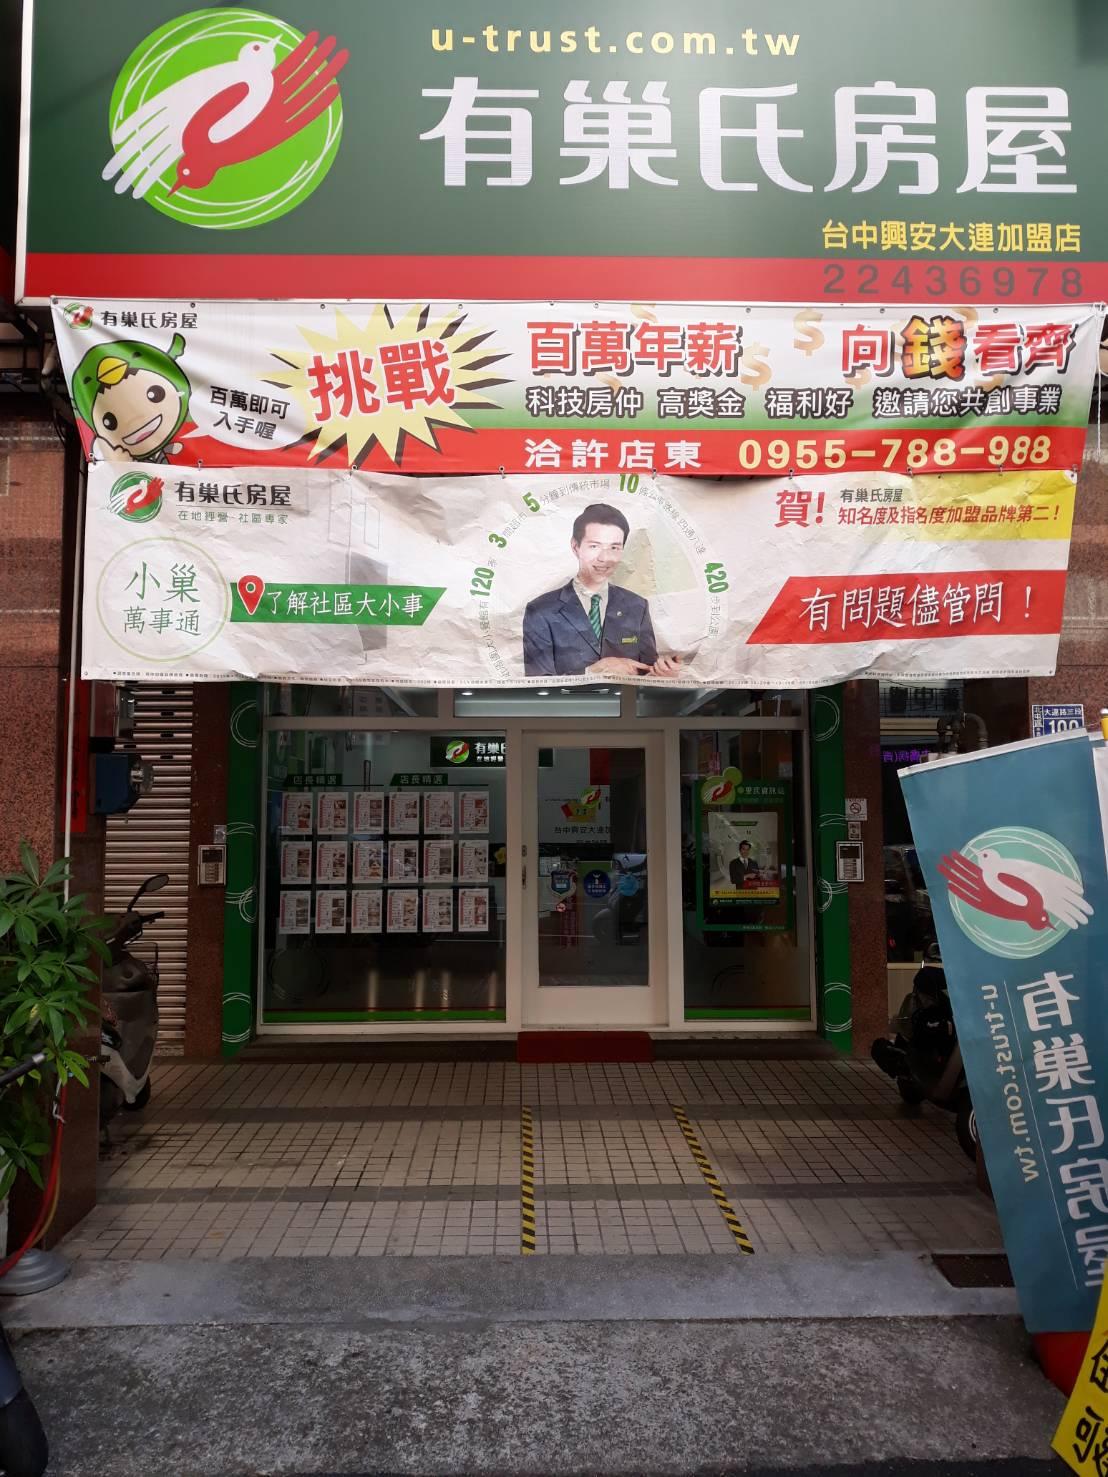 台中興安大連加盟店-元源不動產有限公司